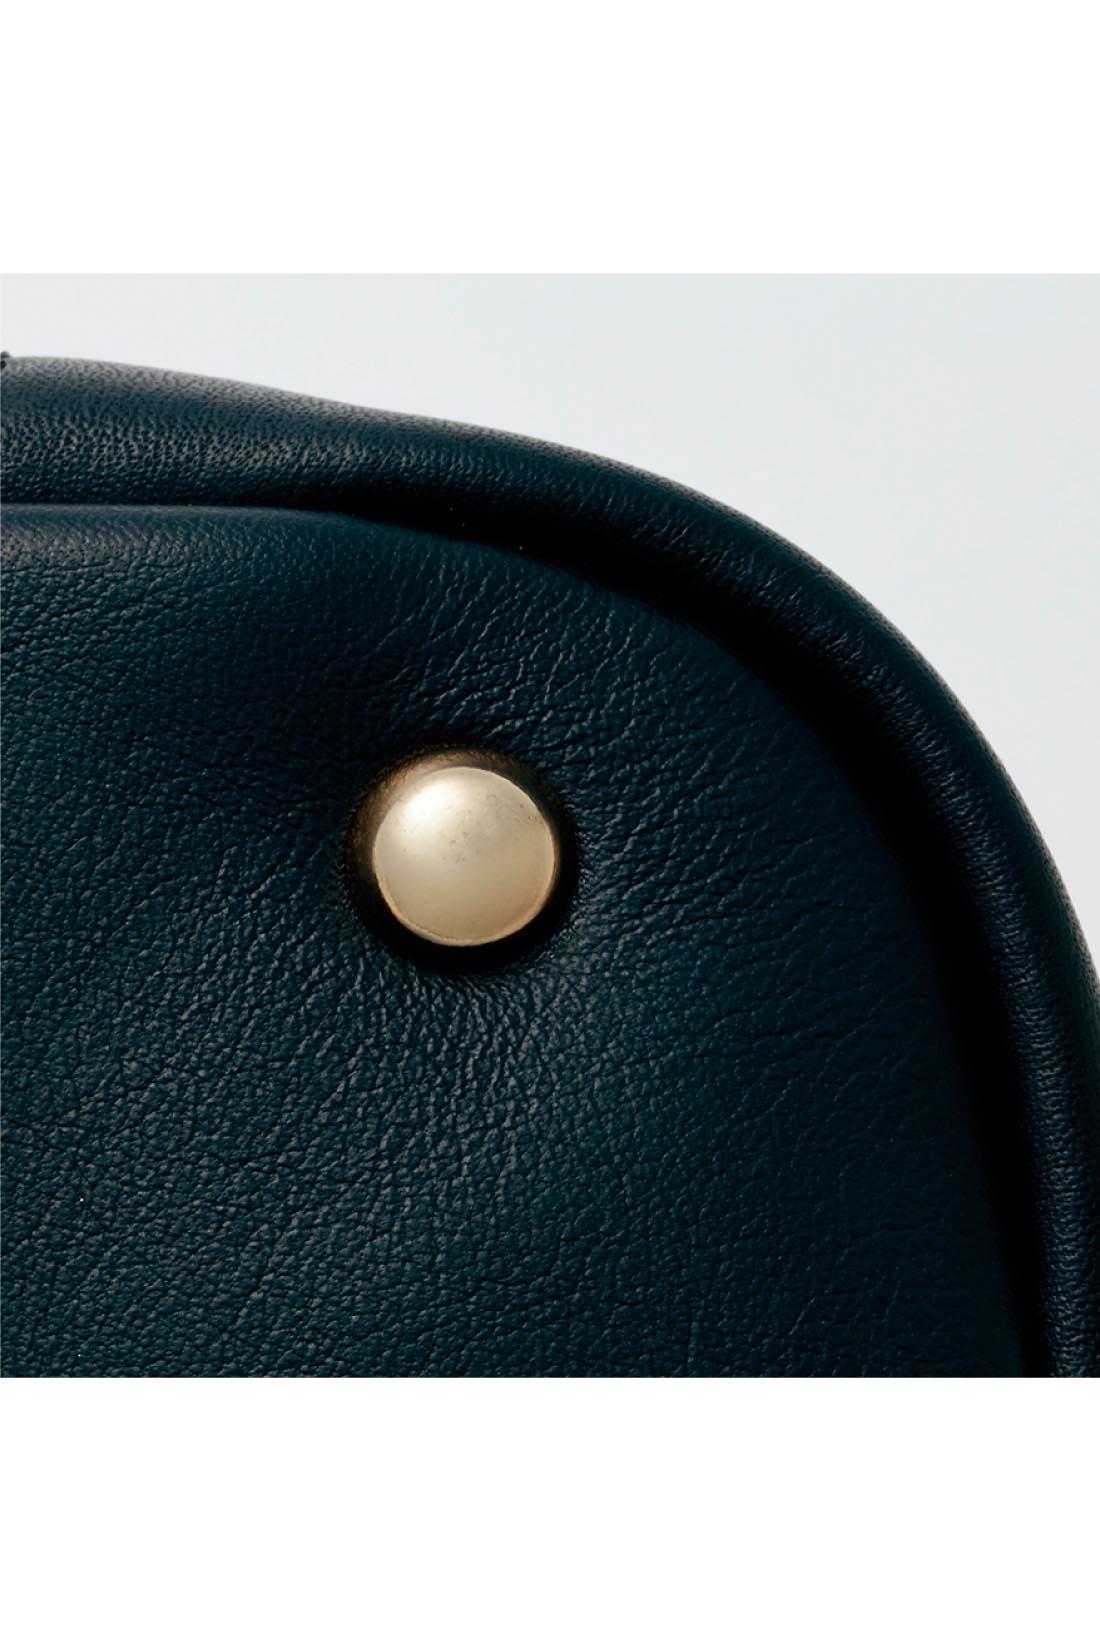 底びょう付きがうれしい 高級感と使いやすさの両方で満足できる、金色の底びょう。まち幅もたっぷりあります。